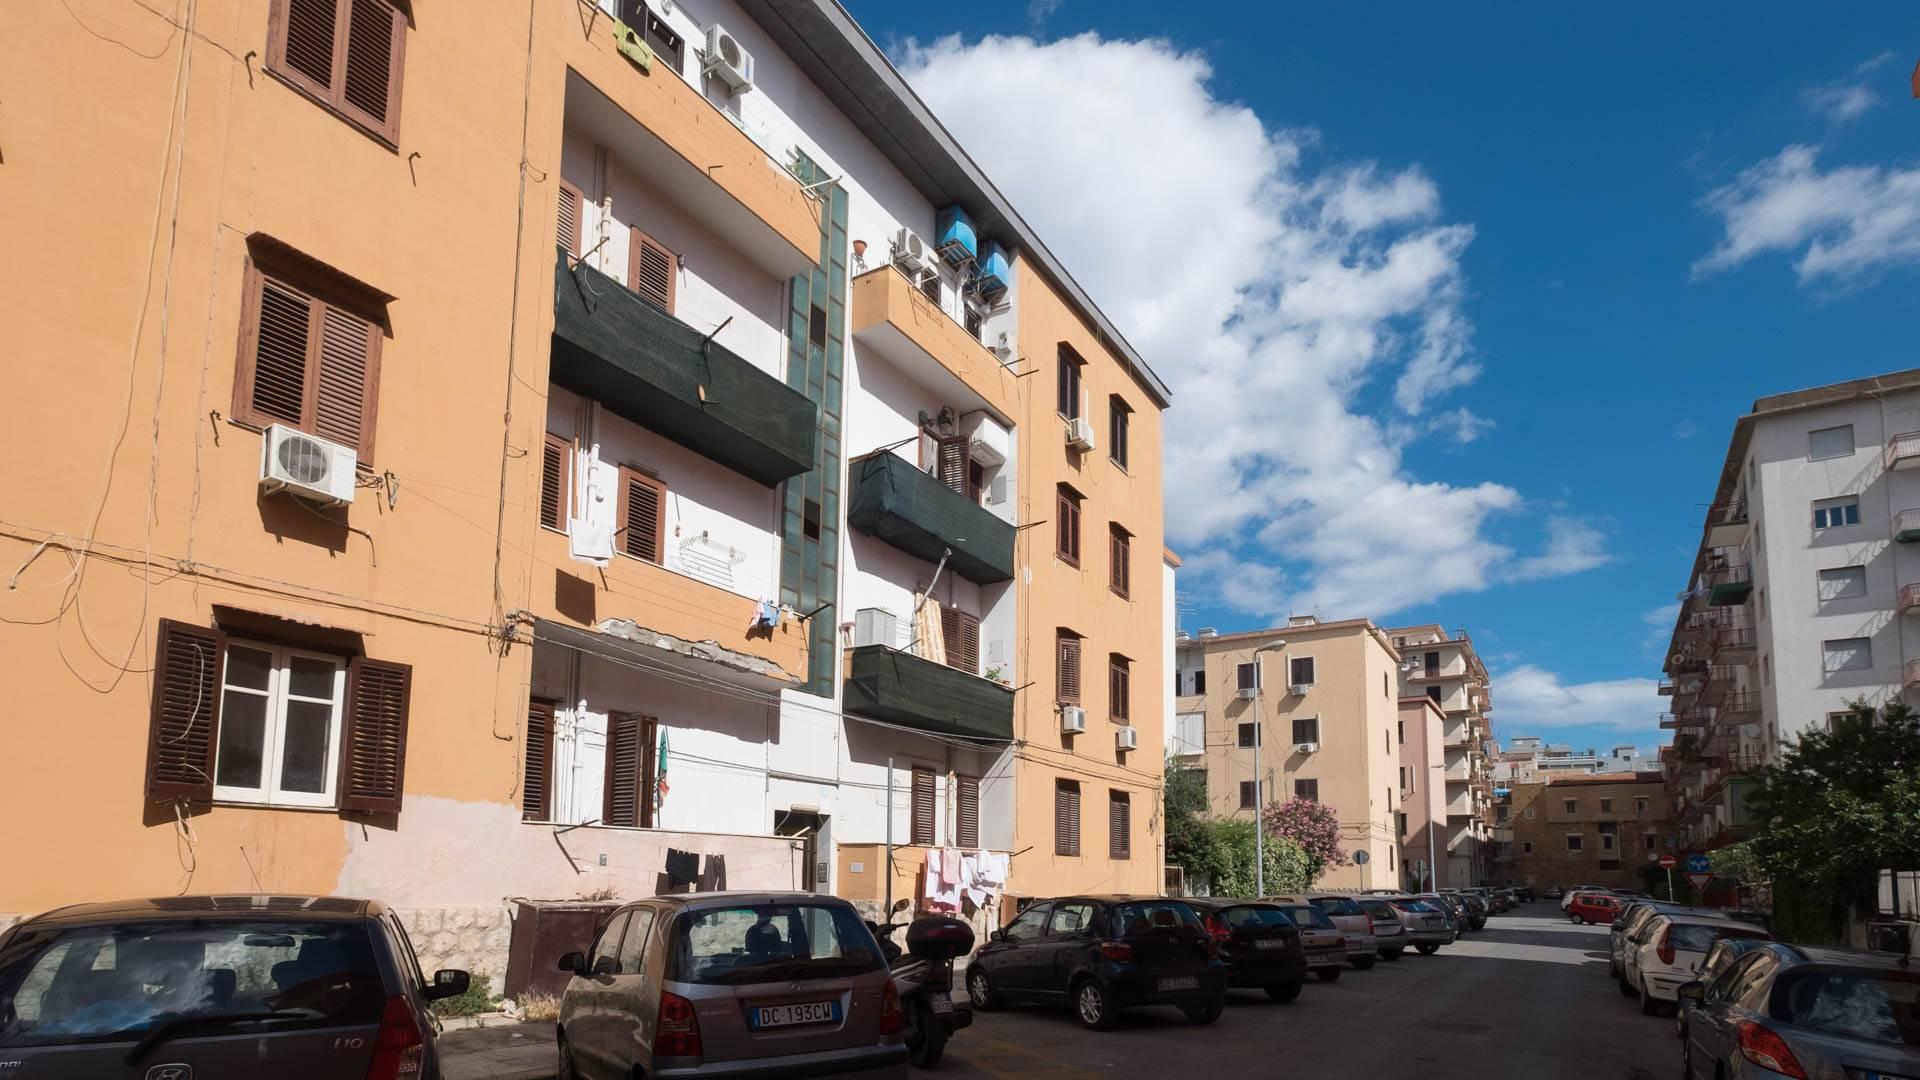 Bilocale Palermo Via Carlo Alberto Garufi 1